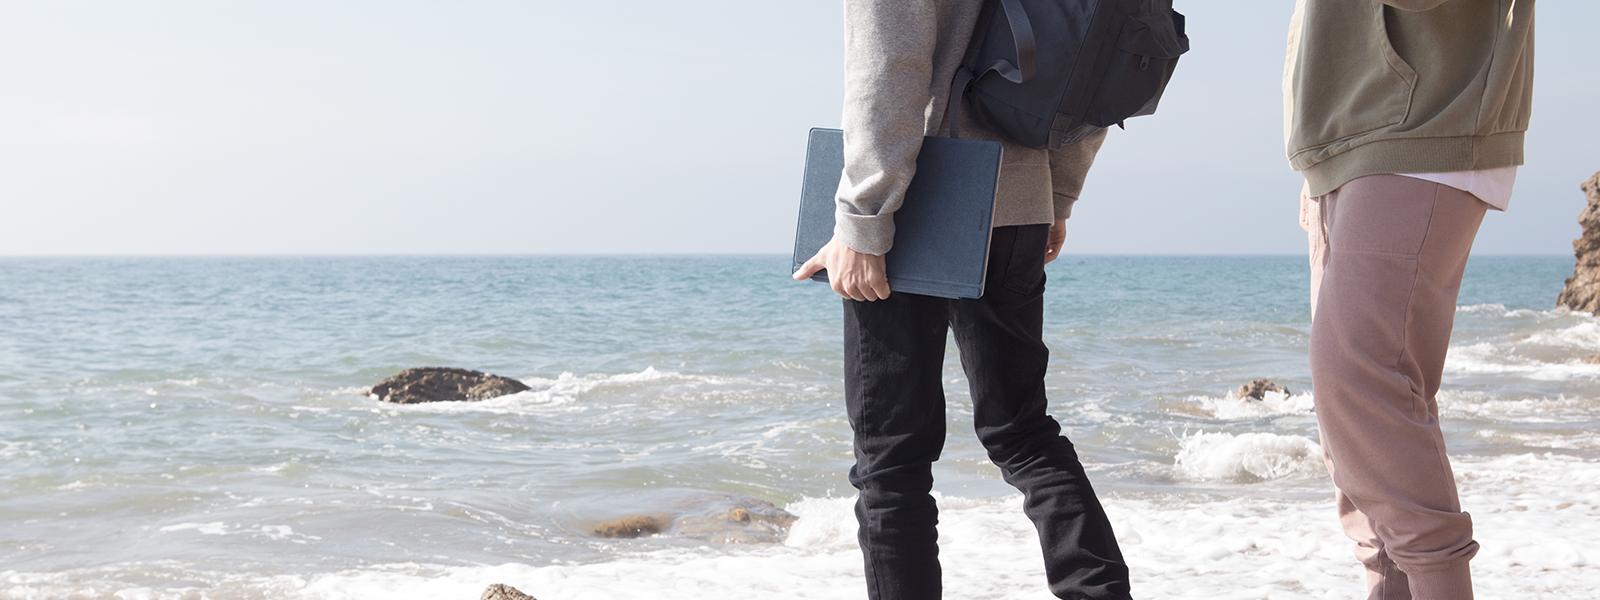 Dos personas en la playa, una con Surface Pro